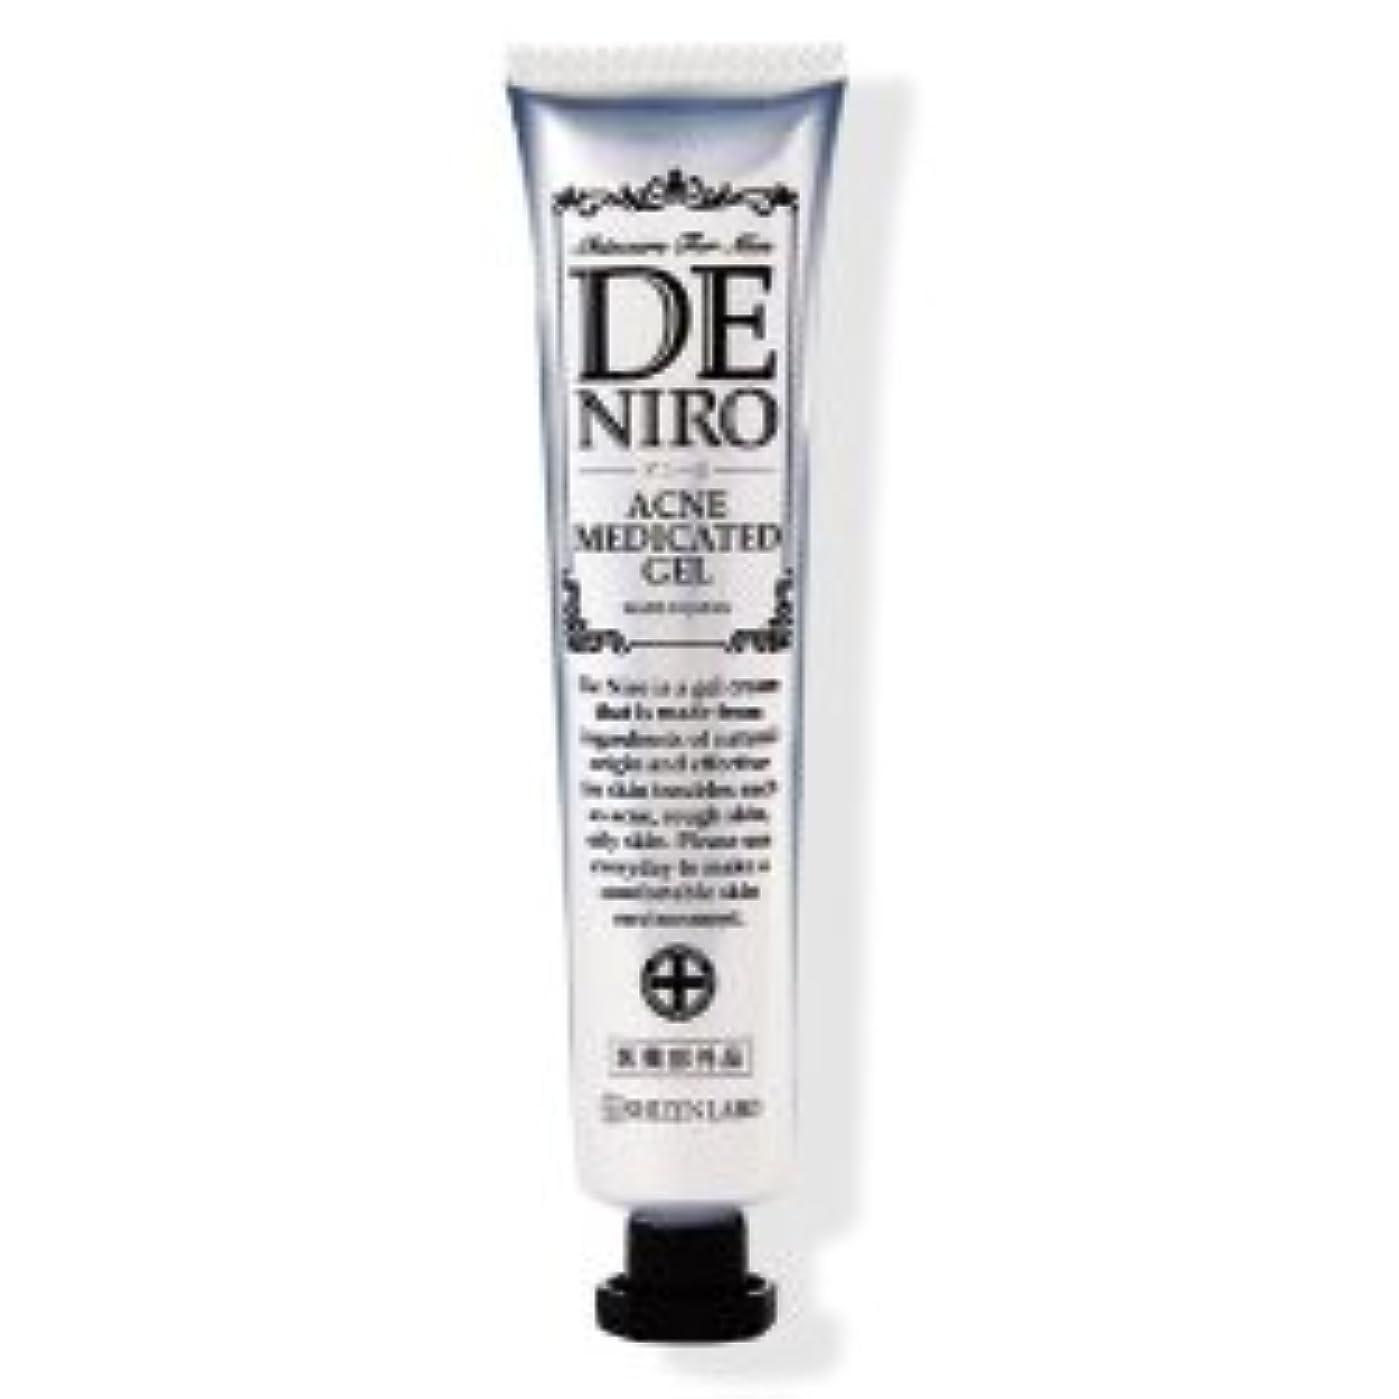 なめる怠けた取るデニーロ 45g (約1ヵ月分)【公式】薬用 DE NIRO 男のニキビ クリーム